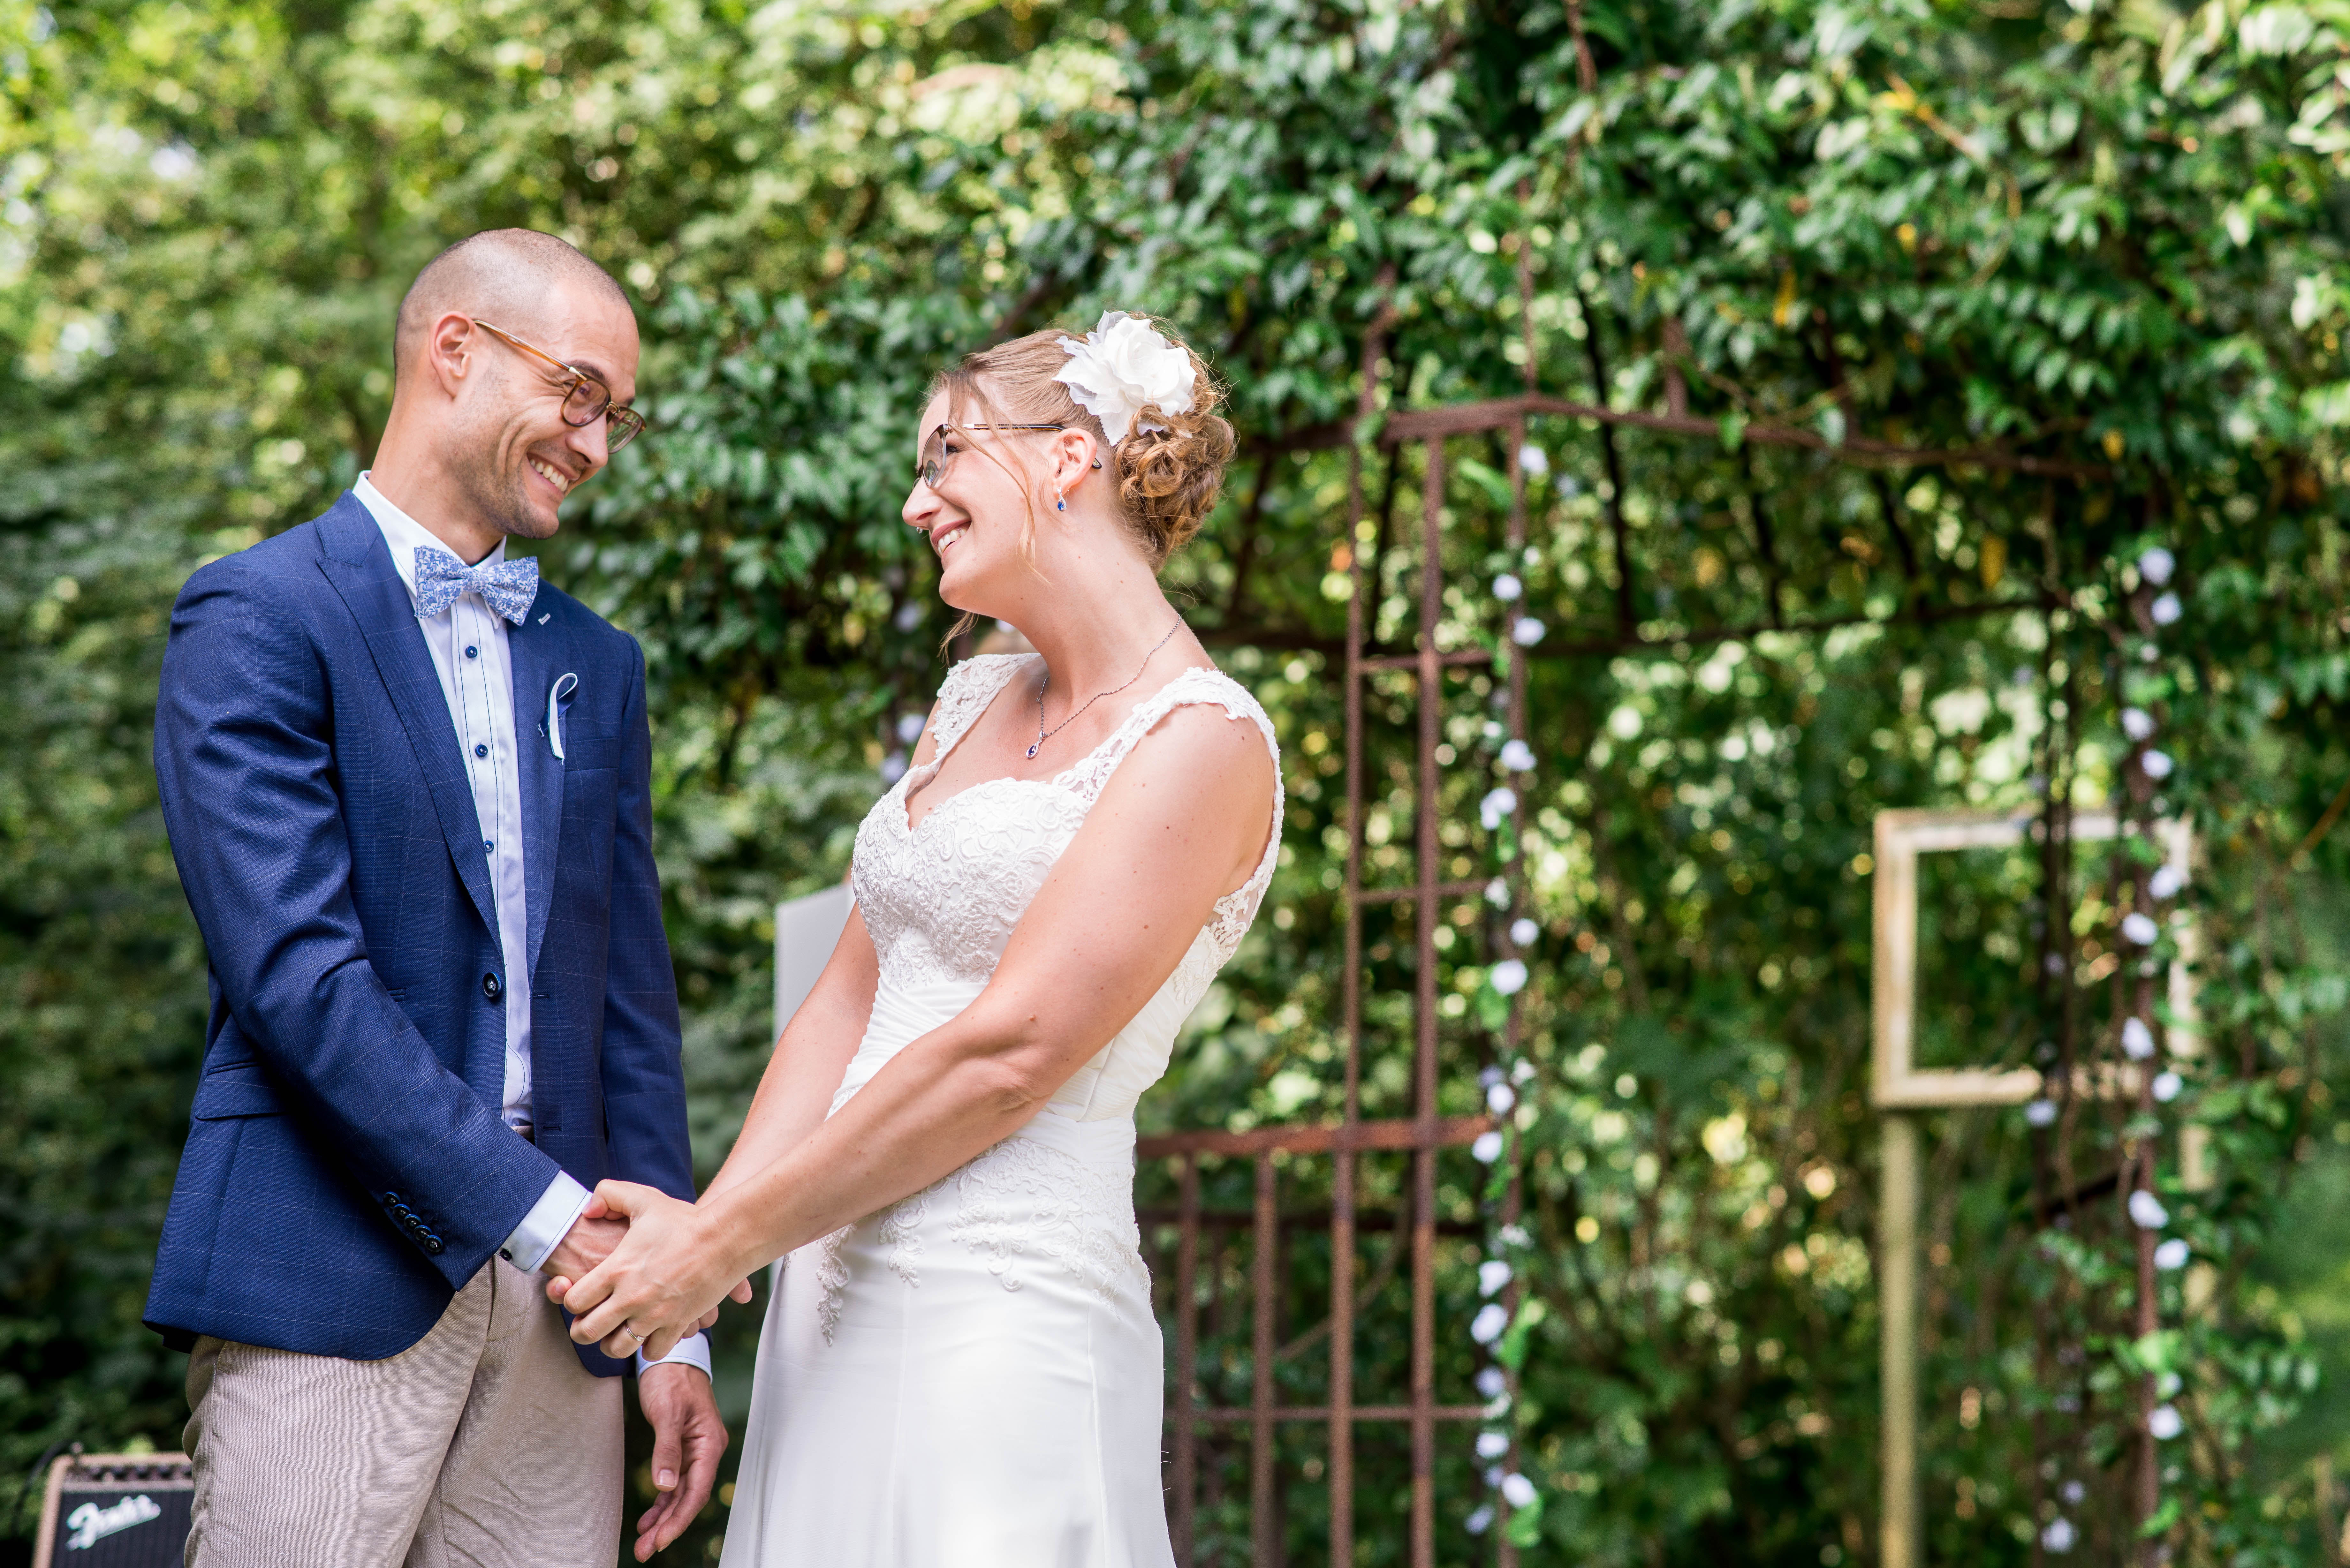 Bruiloftfotograaf-zwolle-bruidsreportage-fotograaf (105)